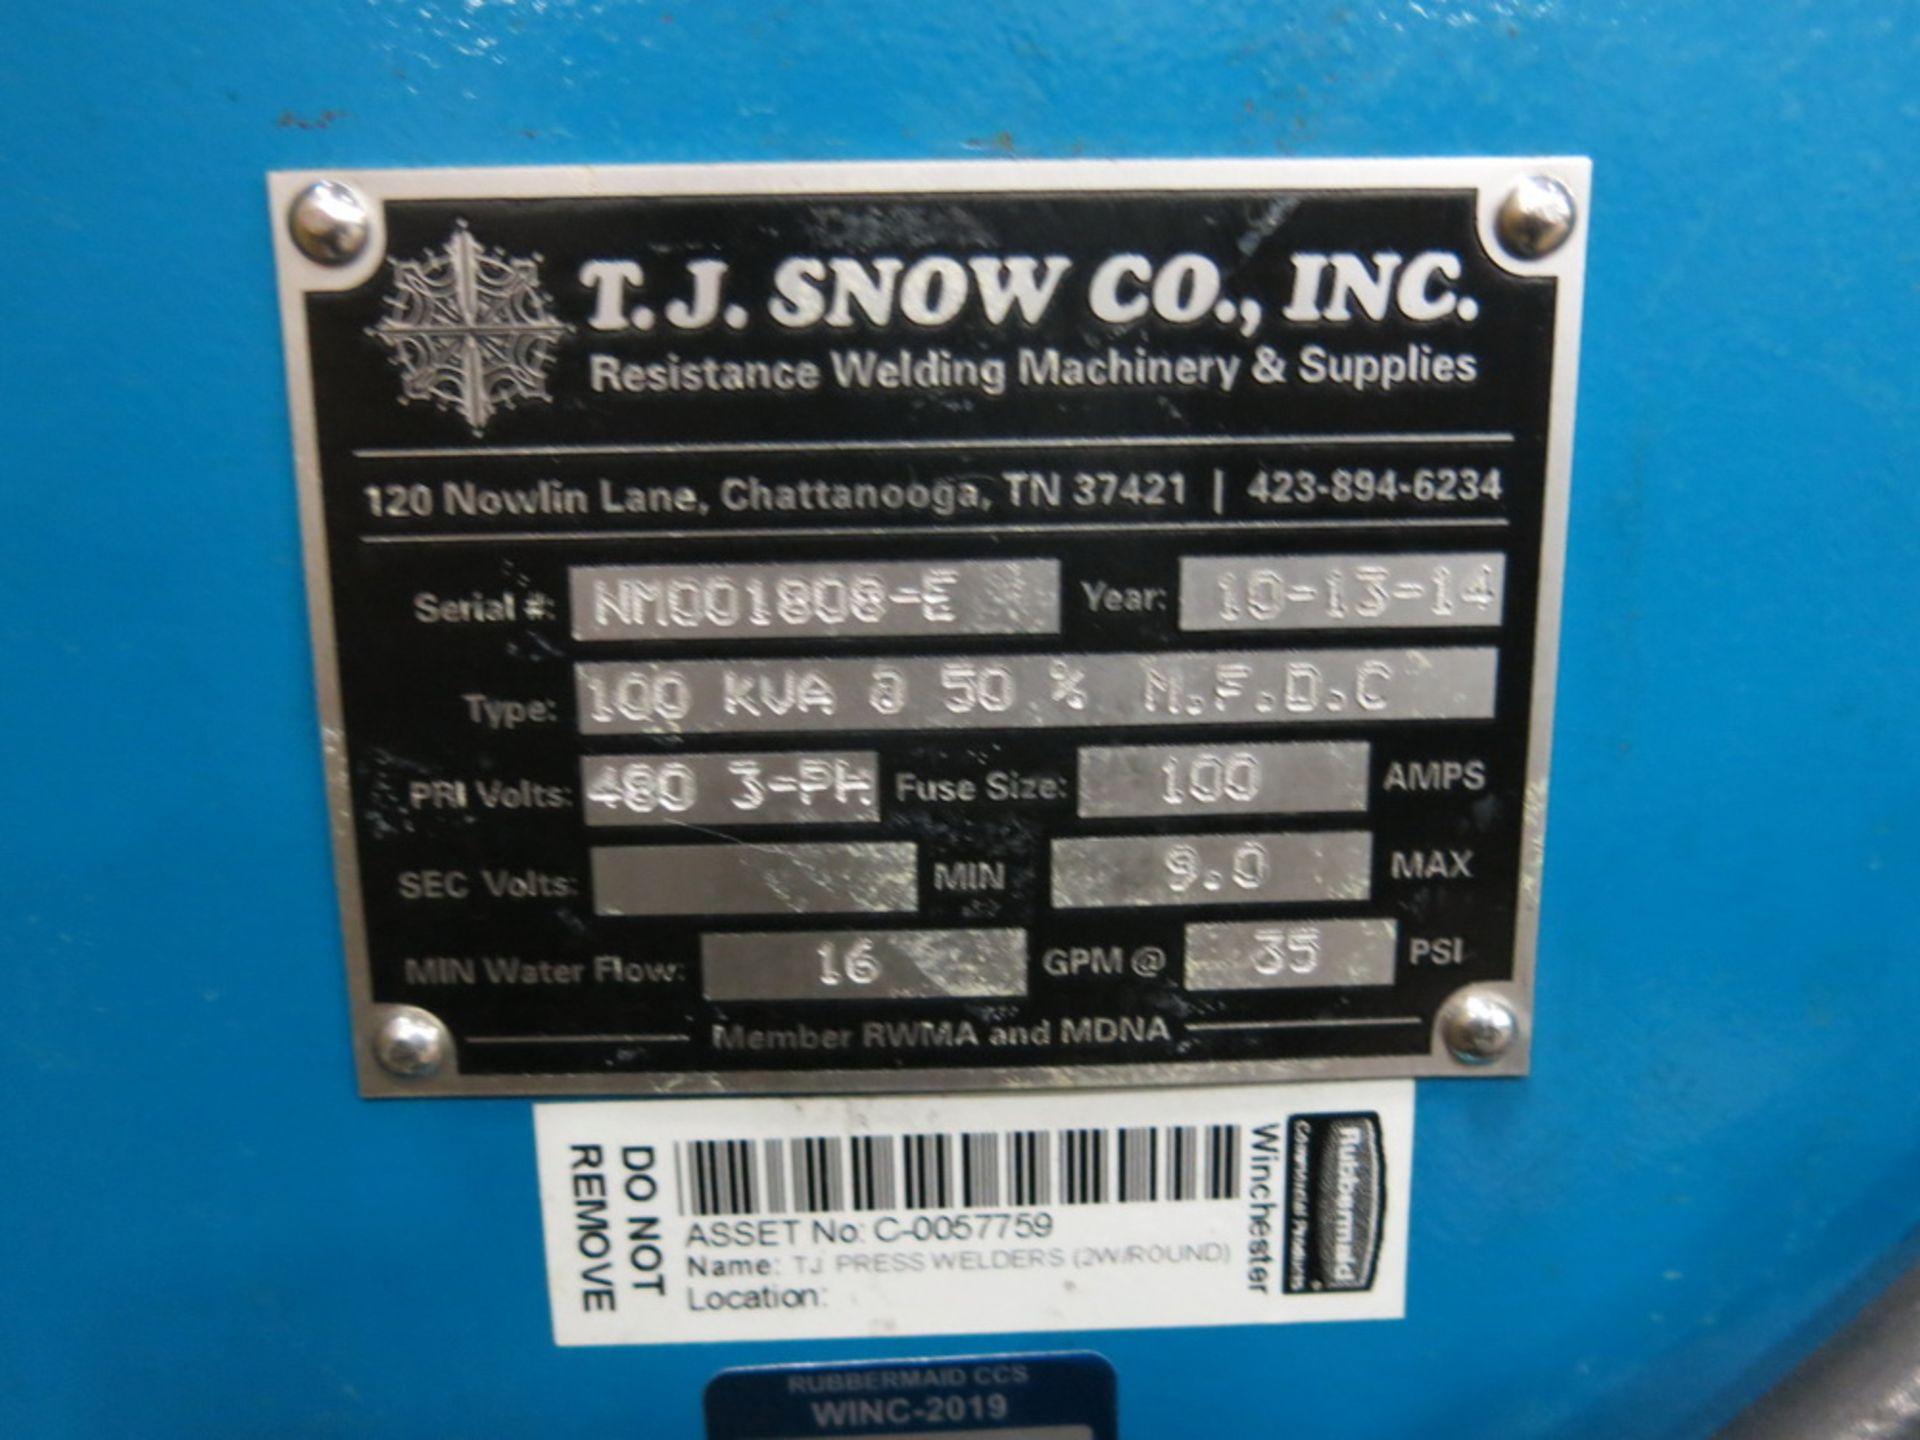 Lot 34 - 2014 T.J. Snow 100 KVA @ 50 Percent M.F.D.C. Dual Head Spot Welder